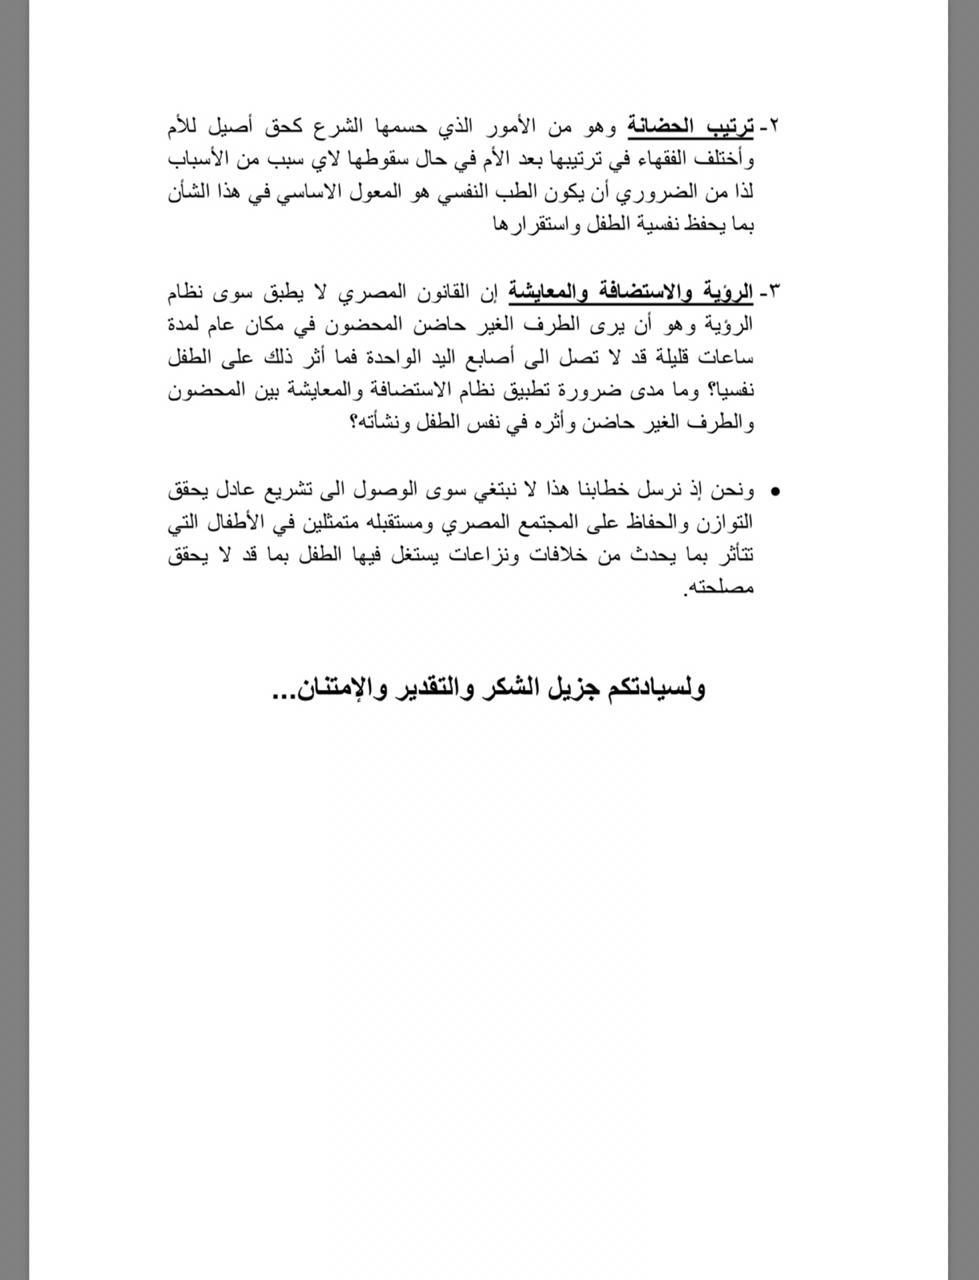 خطاب النائب الدكتور محمد فؤاد (2)